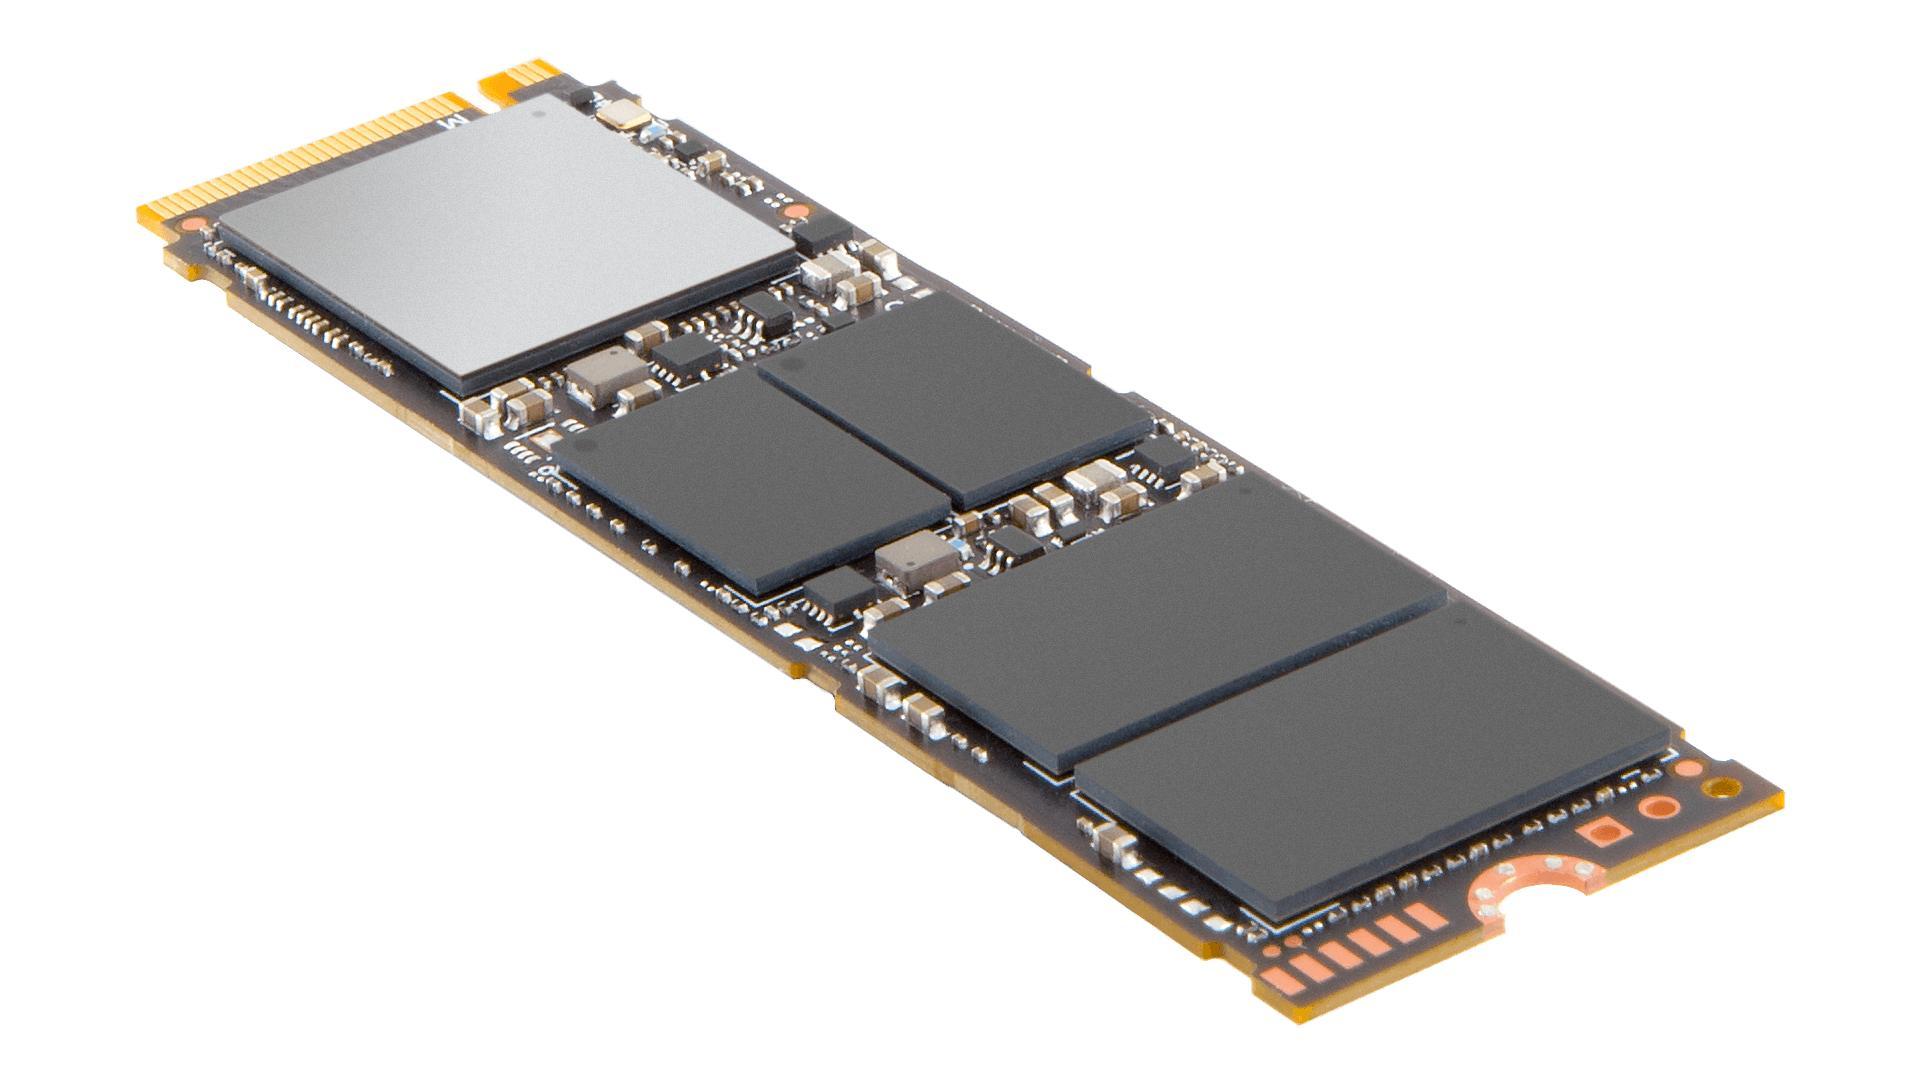 Ổ Cứng SSD Intel 760P NVMe M.2 2280 (256GB) - Hàng Nhập Khẩu